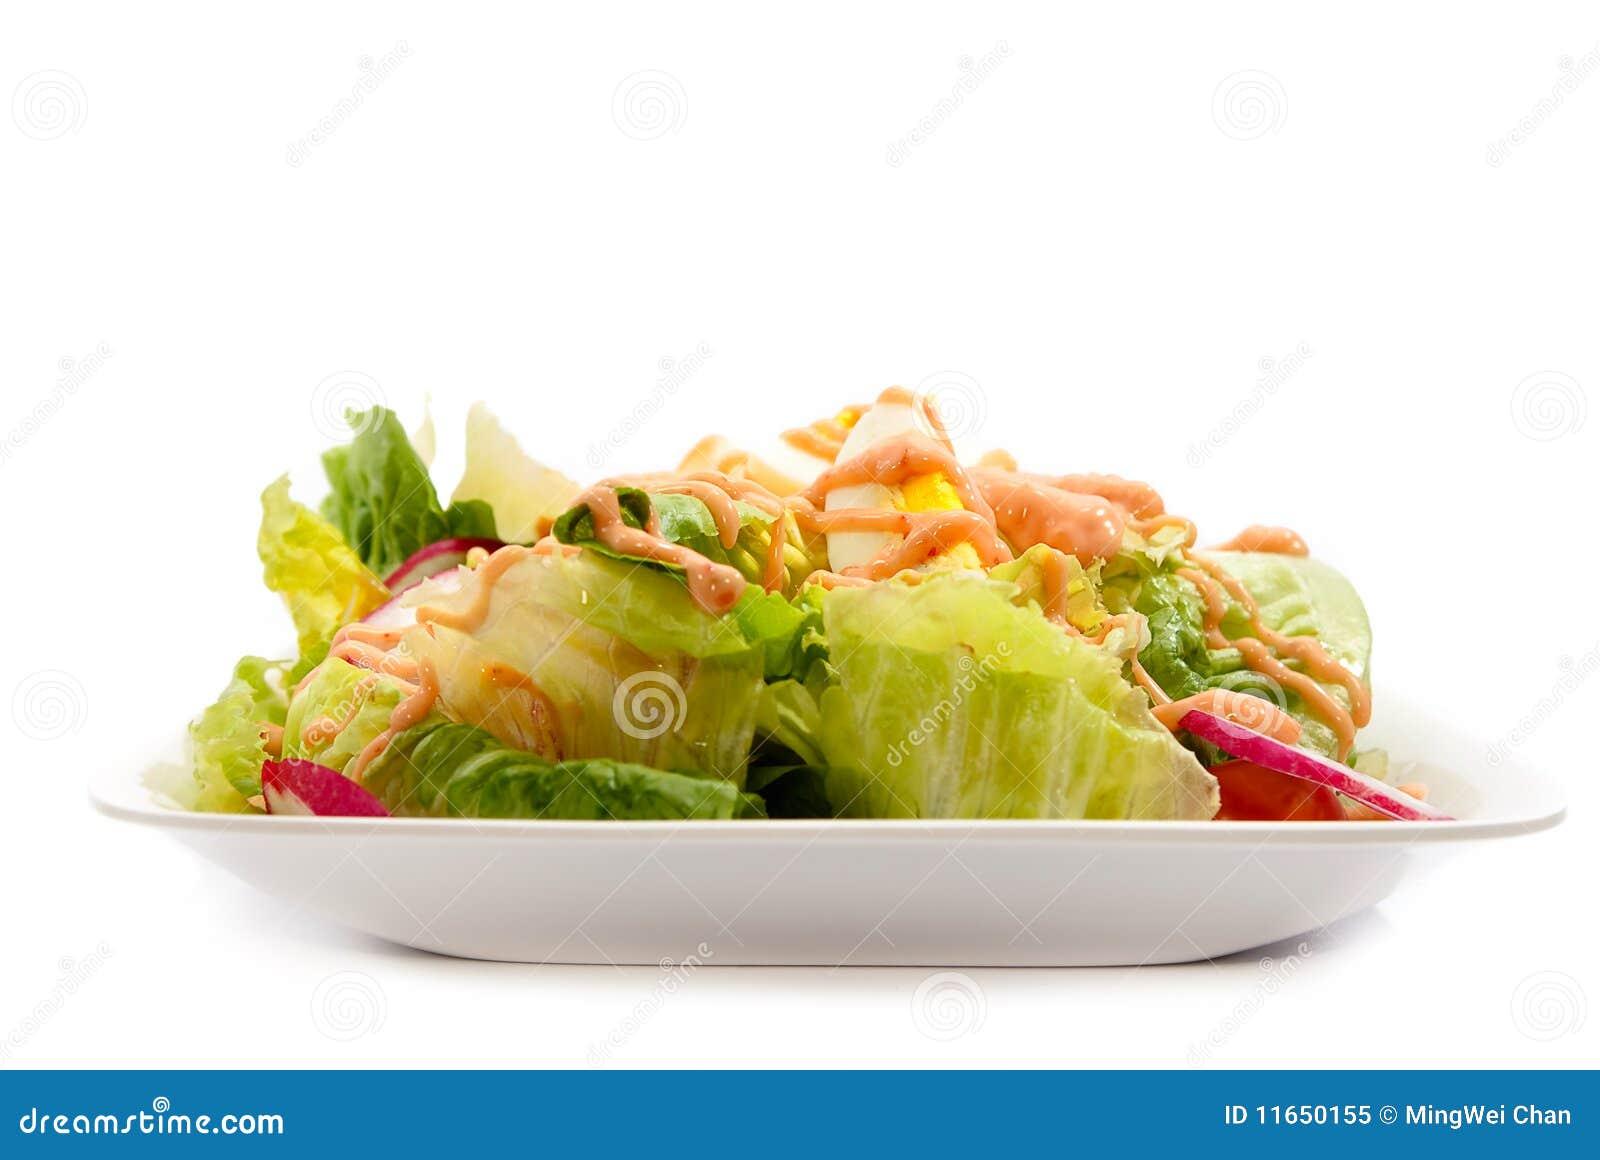 Salad Series 1